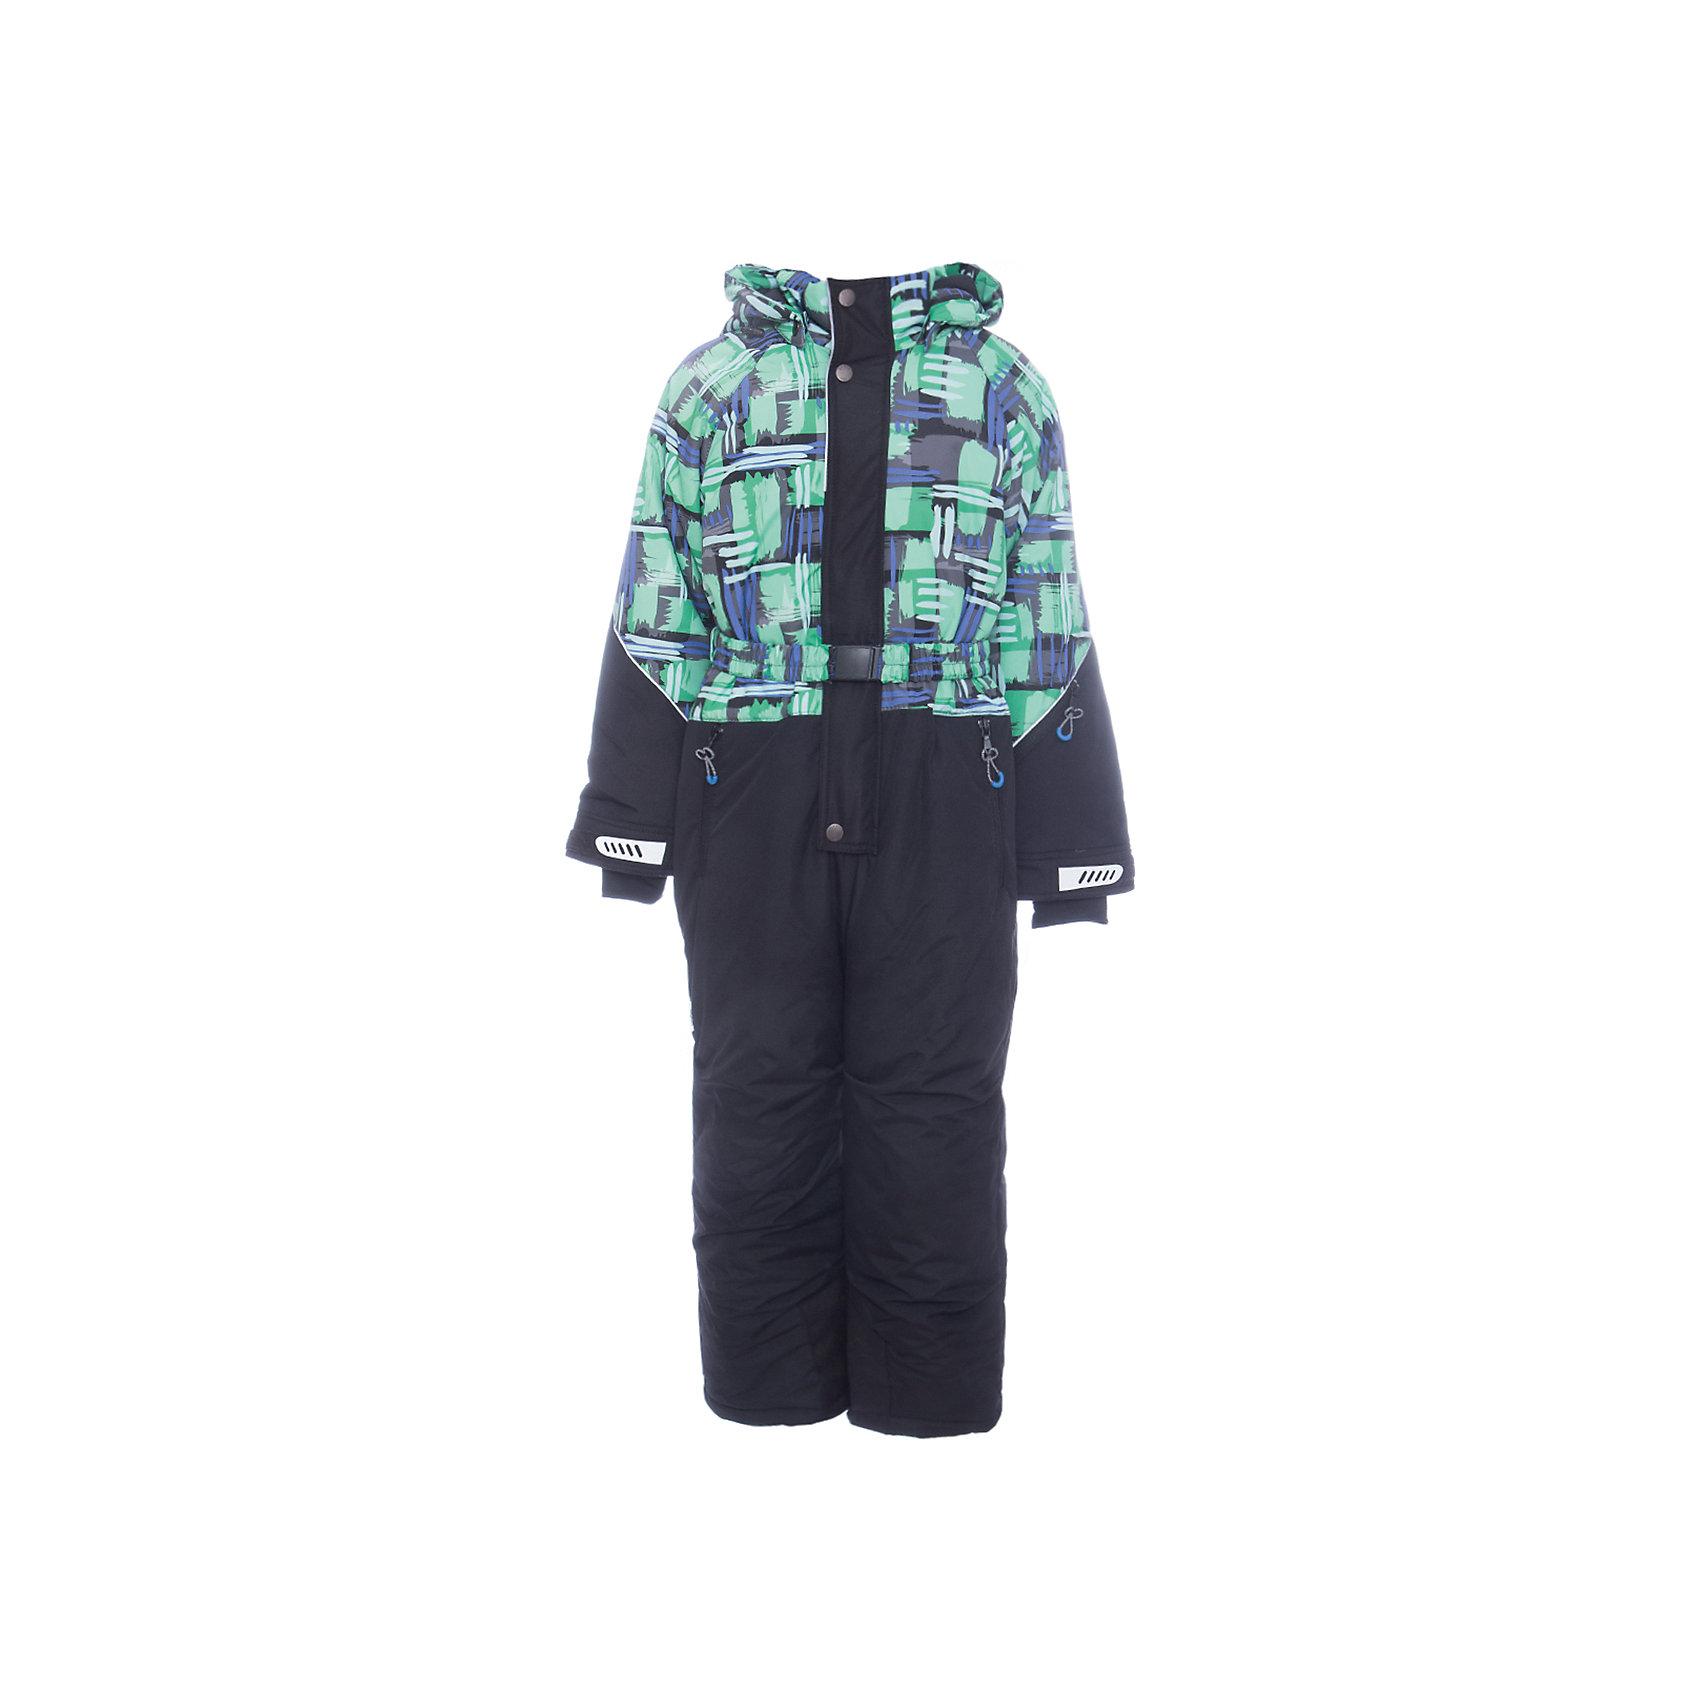 Комбинезон Никита Batik для мальчикаВерхняя одежда<br>Характеристики товара:<br><br>• цвет: зеленый<br>• состав ткани: таслан<br>• подкладка: поларфлис<br>• утеплитель: слайтекс<br>• сезон: зима<br>• мембранное покрытие<br>• температурный режим: от -35 до 0<br>• водонепроницаемость: 5000 мм <br>• паропроницаемость: 5000 г/м2<br>• плотность утеплителя: 300 г/м2<br>• застежка: молния<br>• капюшон: съемный, без меха<br>• износостойкие вставки на брючинах<br>• страна бренда: Россия<br>• страна изготовитель: Россия<br><br>Удобный комбинезон для мальчика декорирован принтом. Верх детского комбинезона надежно защищает от холода и влаги. Подкладка комбинезона для мальчика мягкая и теплая. Мембранный зимний комбинезон дополнен капюшоном, силиконовыми штрипками и удобный молнией. <br><br>Комбинезон Никита Batik (Батик) для мальчика можно купить в нашем интернет-магазине.<br><br>Ширина мм: 356<br>Глубина мм: 10<br>Высота мм: 245<br>Вес г: 519<br>Цвет: зеленый<br>Возраст от месяцев: 72<br>Возраст до месяцев: 84<br>Пол: Мужской<br>Возраст: Детский<br>Размер: 122,104,110,116<br>SKU: 7028106